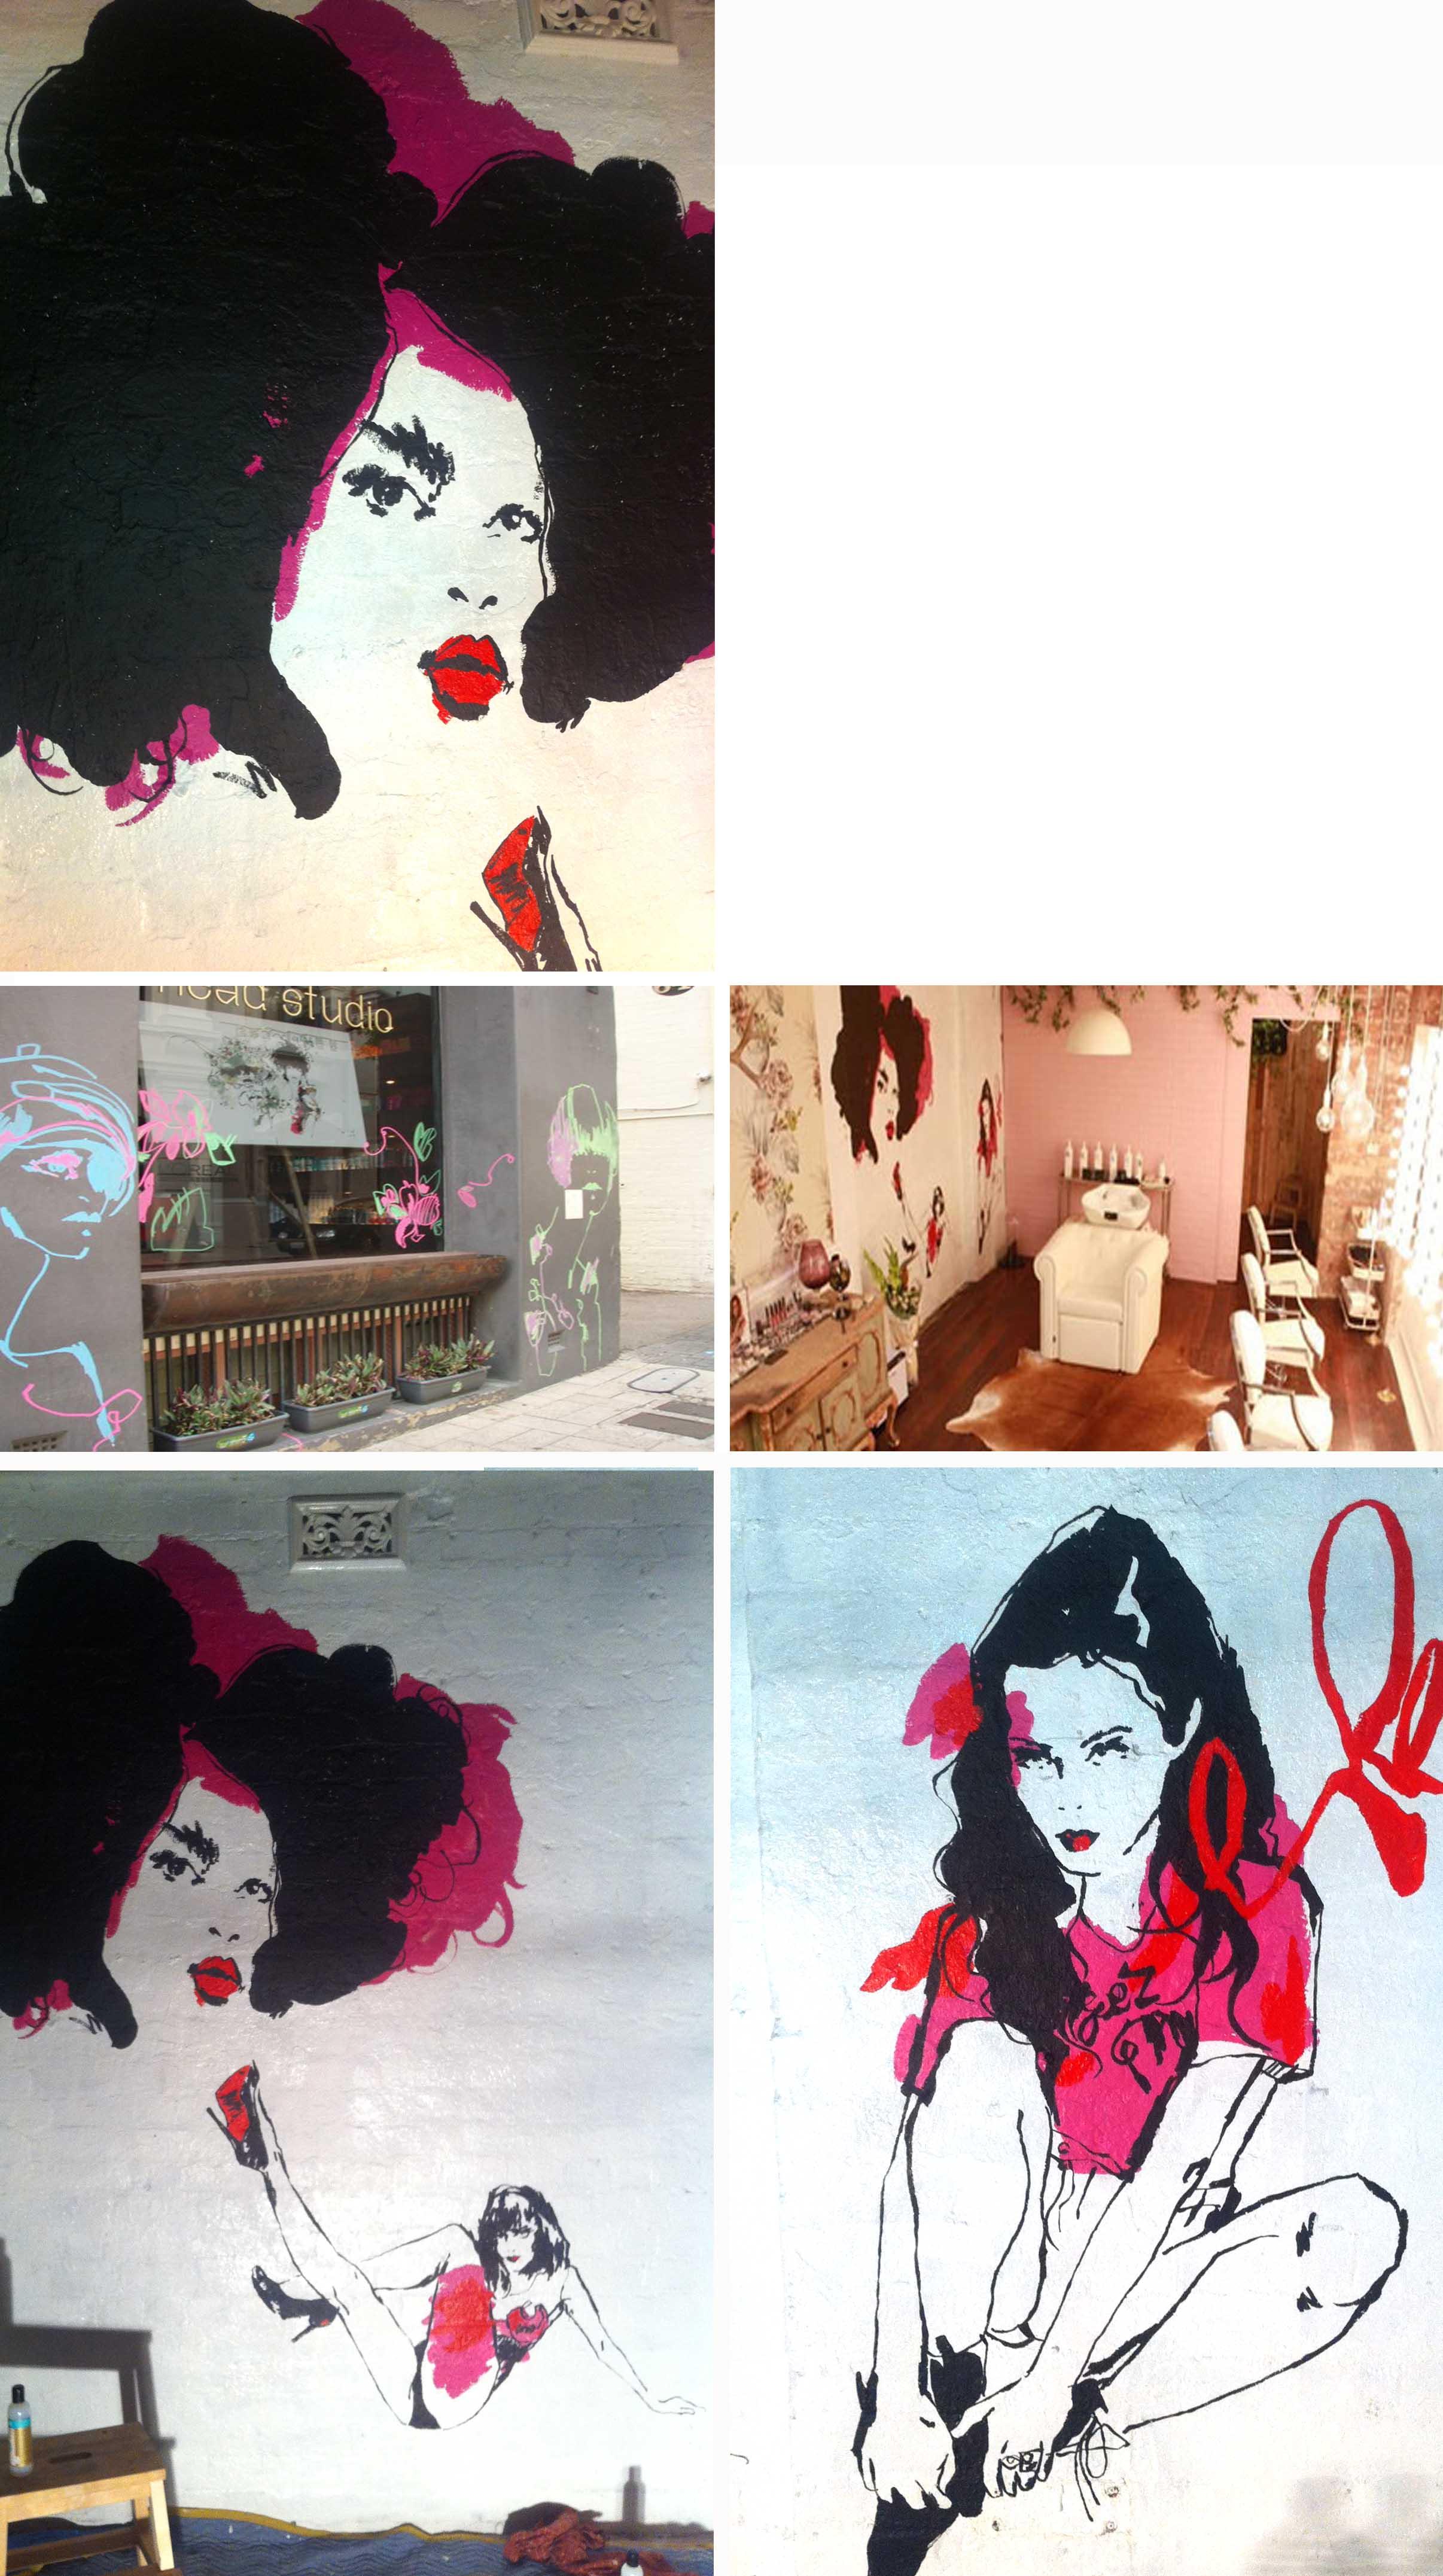 Headstudio Mural Rebecca Wetzler